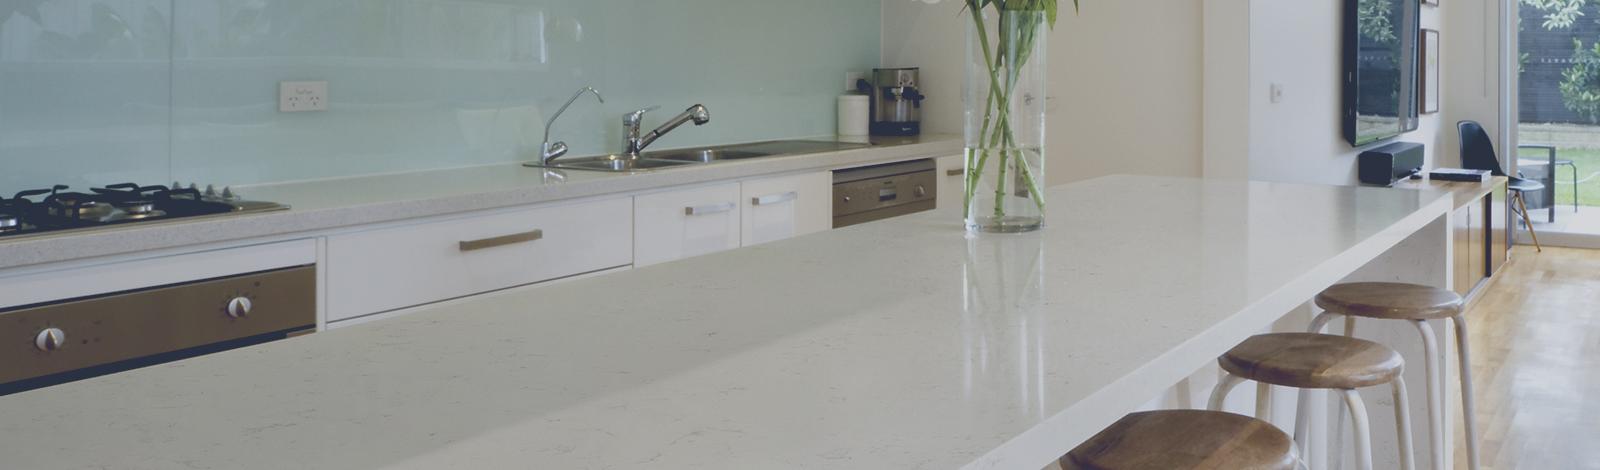 Comptoir cuisine et vanit quartz granite fabrique plus for Hauteur comptoir salle de bain